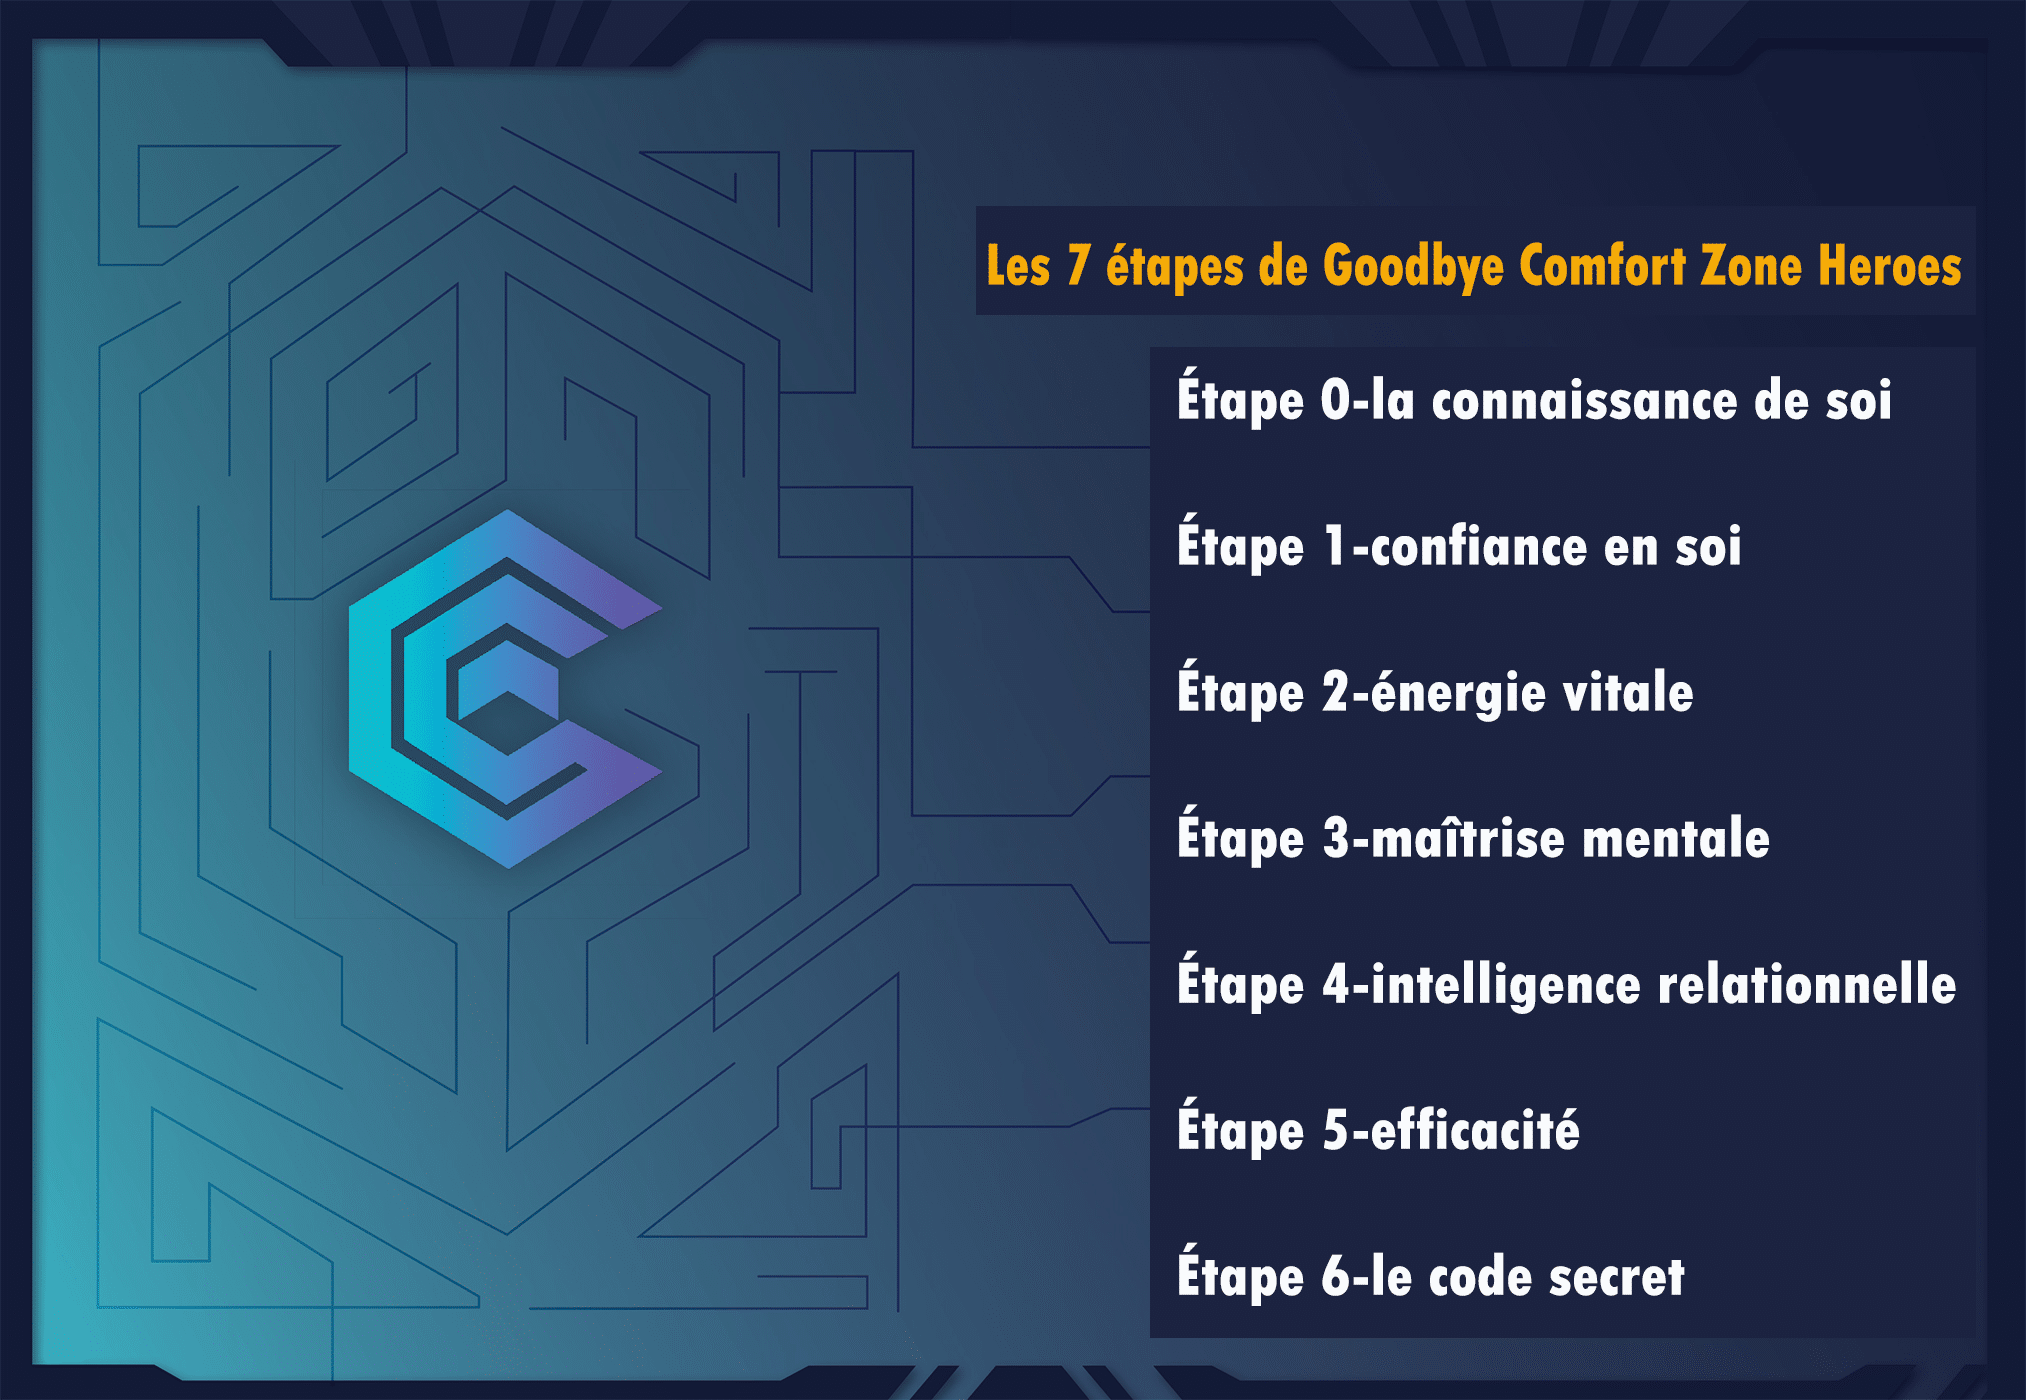 Goodbye Comfort Zone Heroes Le Contenu Du Programme En Détails